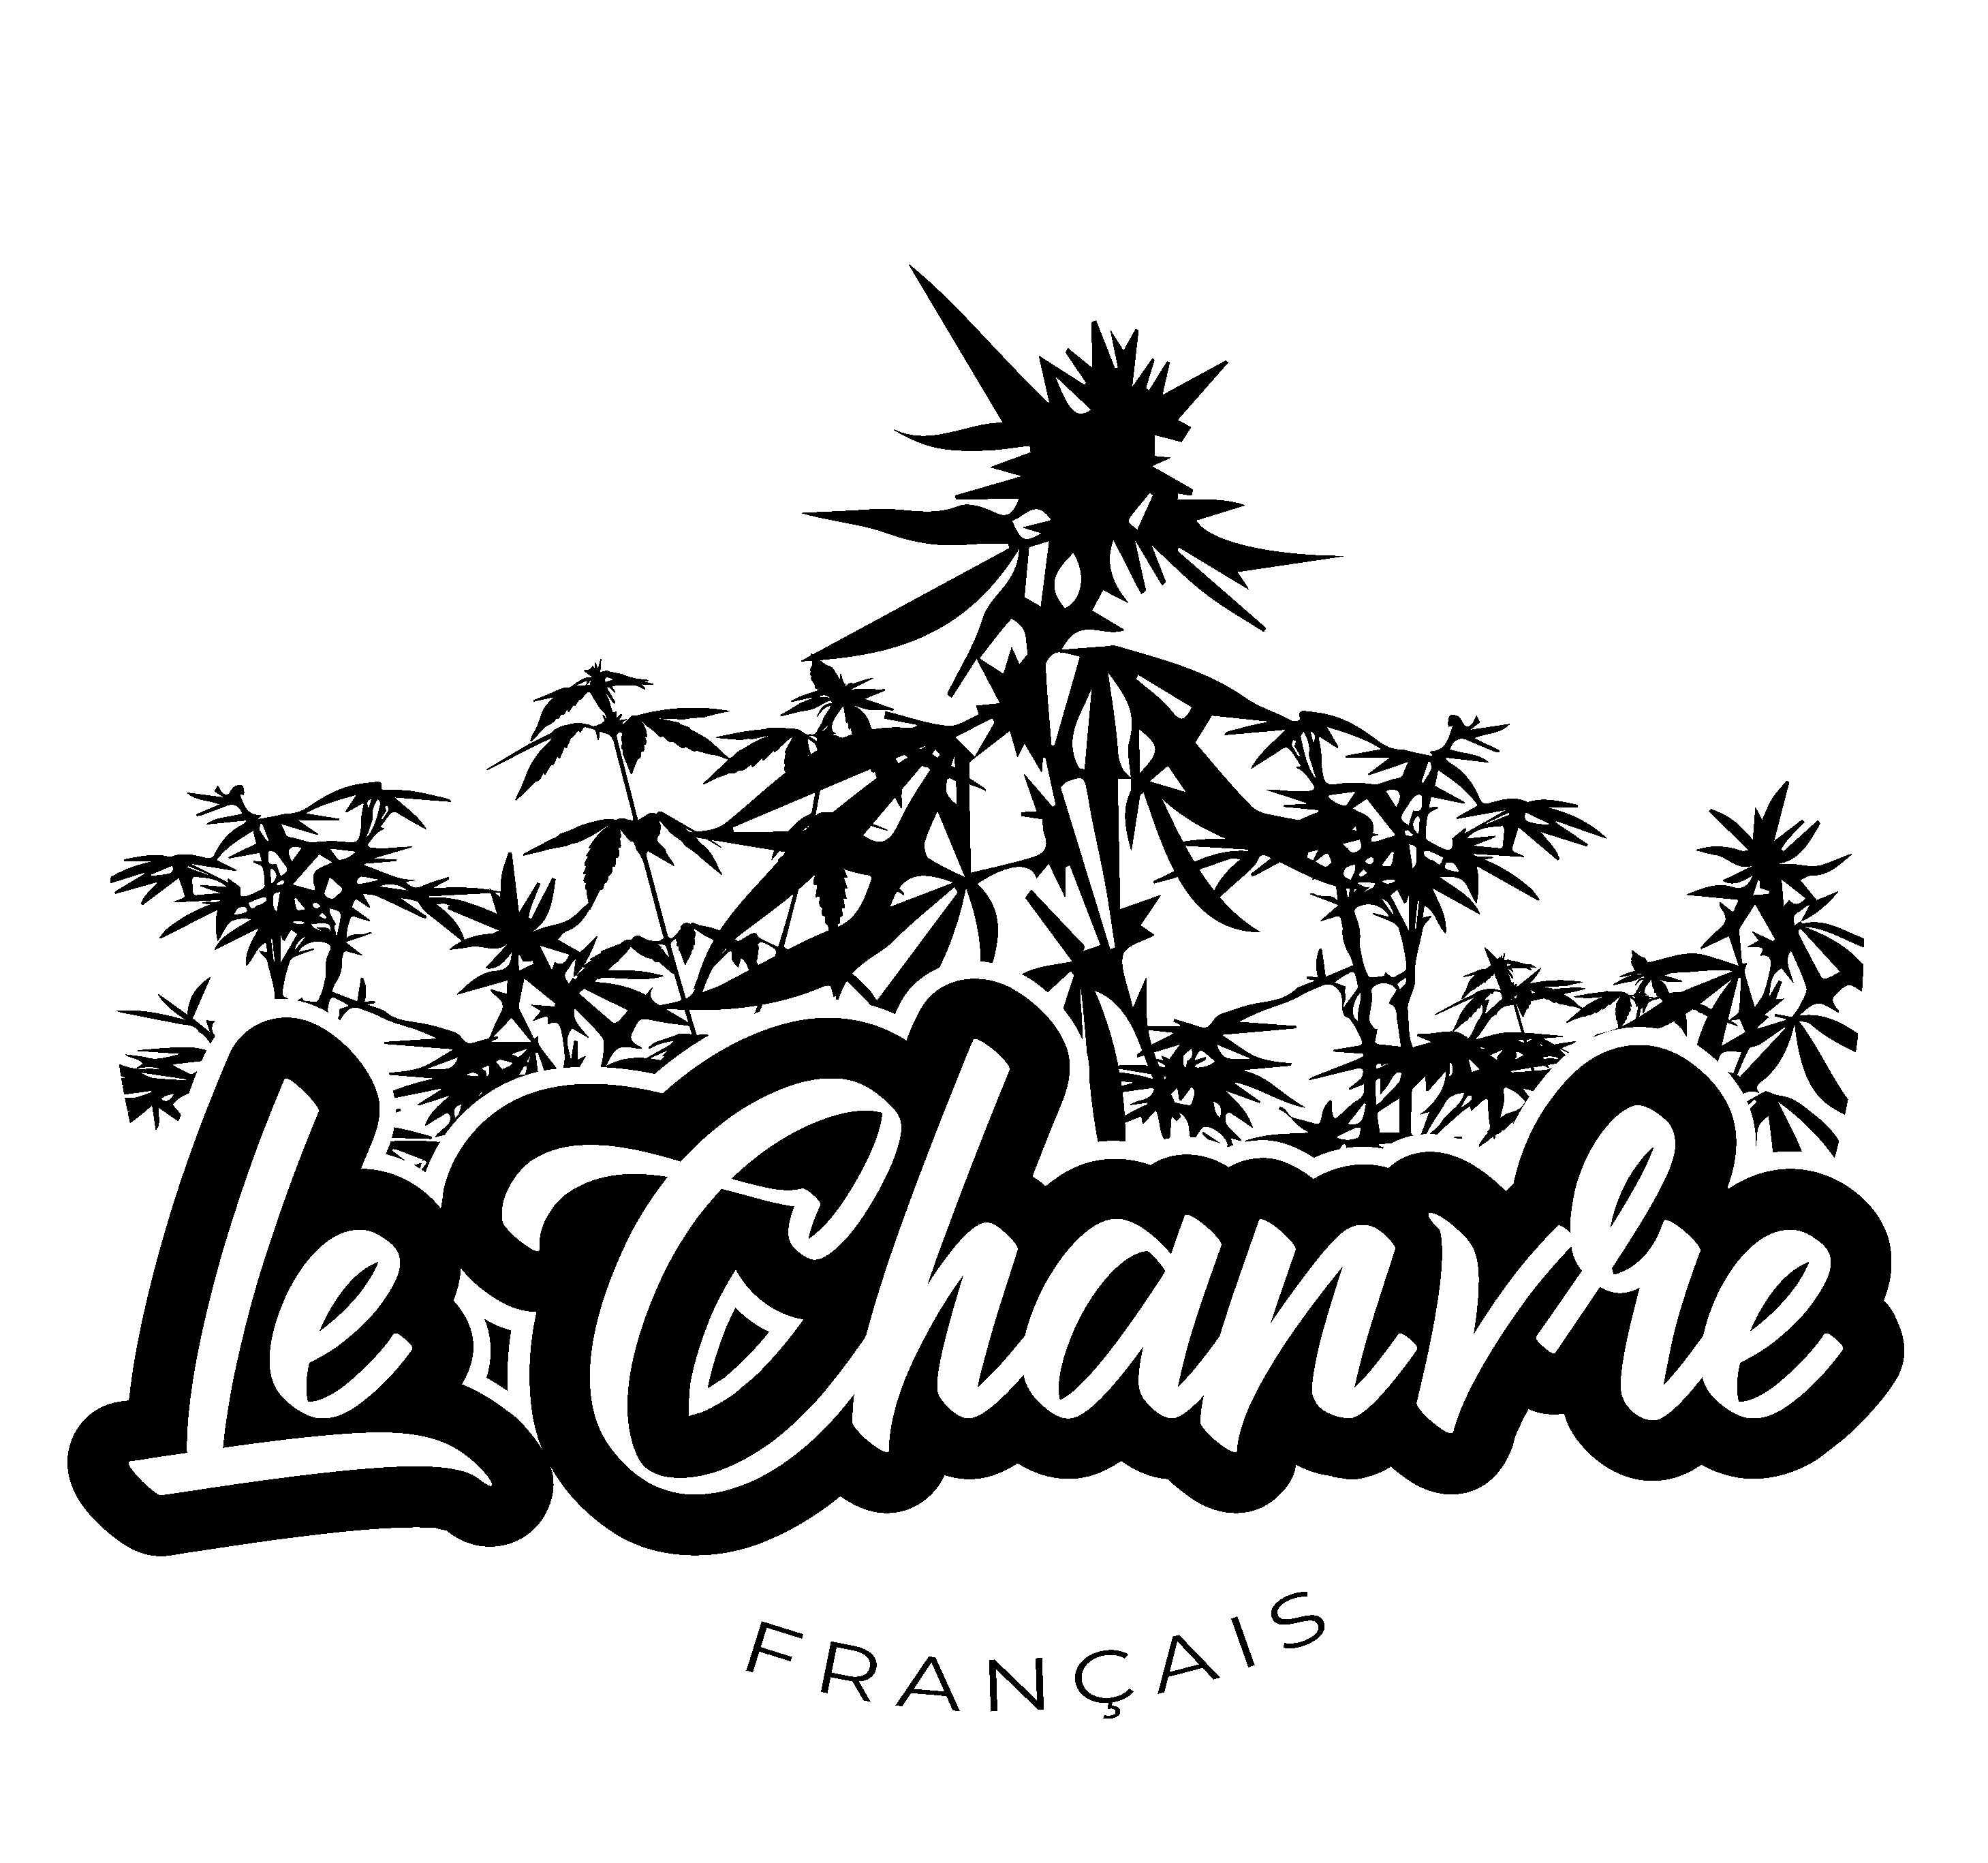 Le chanvre francais